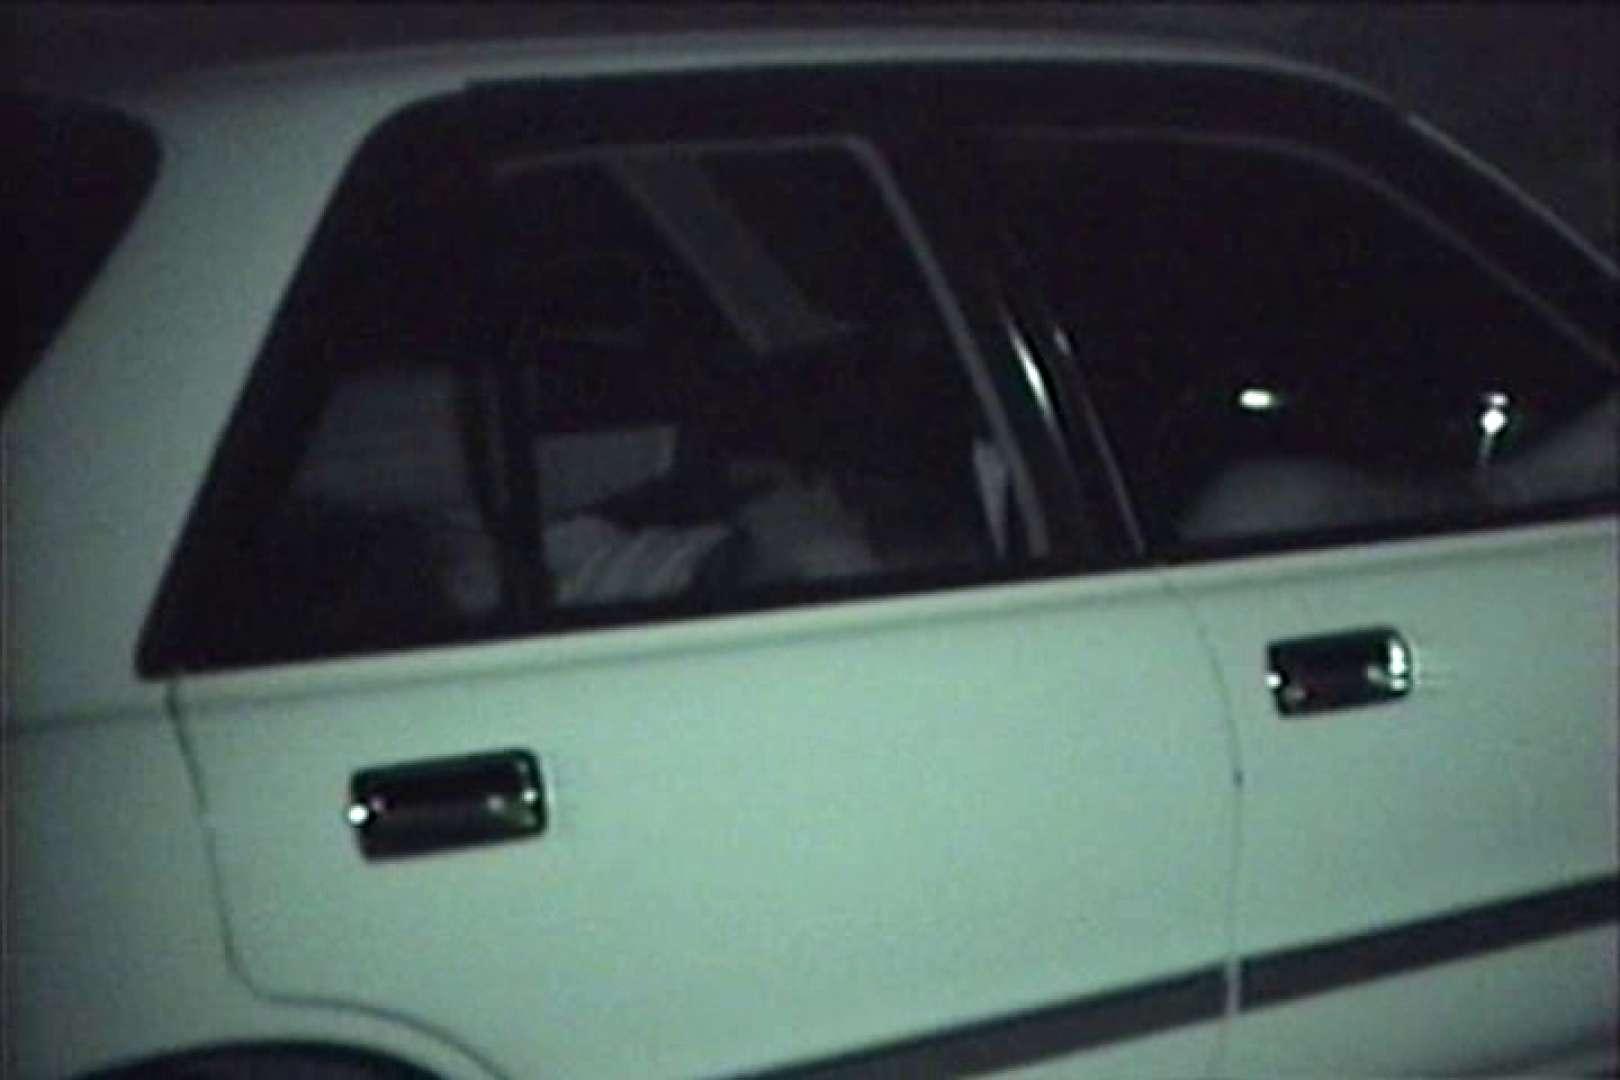 車の中はラブホテル 無修正版  Vol.18 喘ぎ 戯れ無修正画像 100pic 34